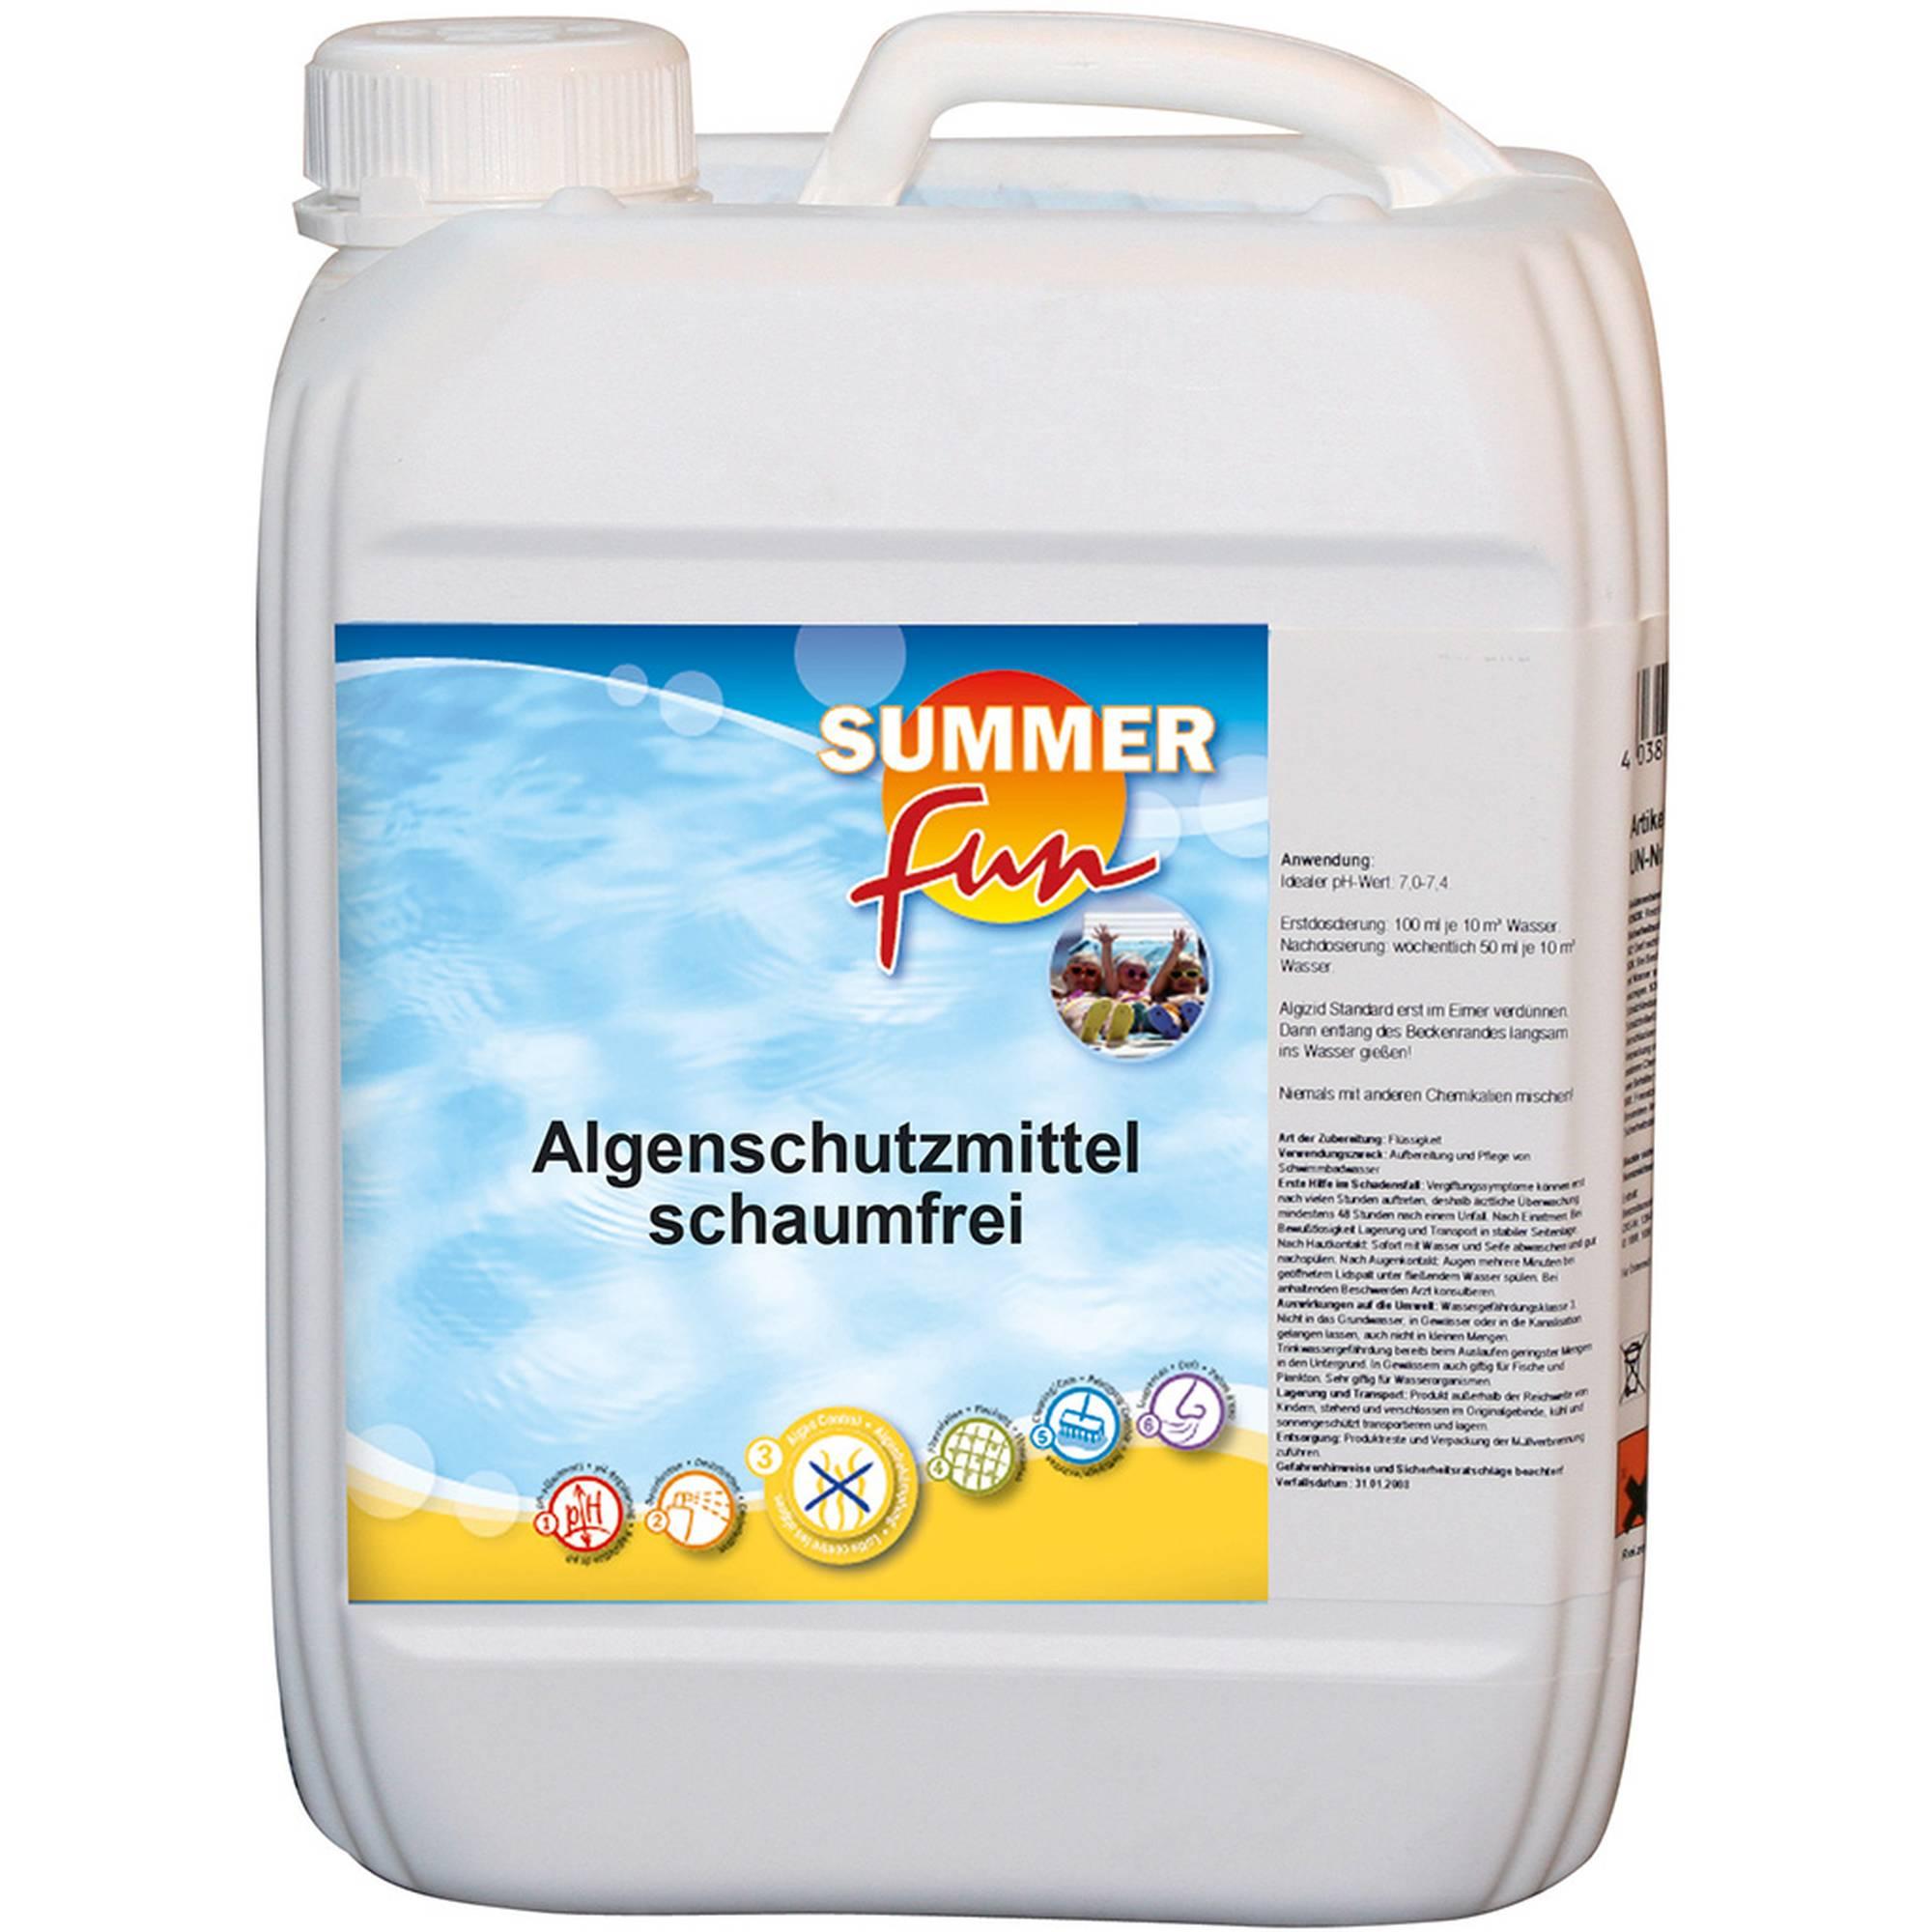 Summer Fun Algenschutzmittel schaumfrei 5 l